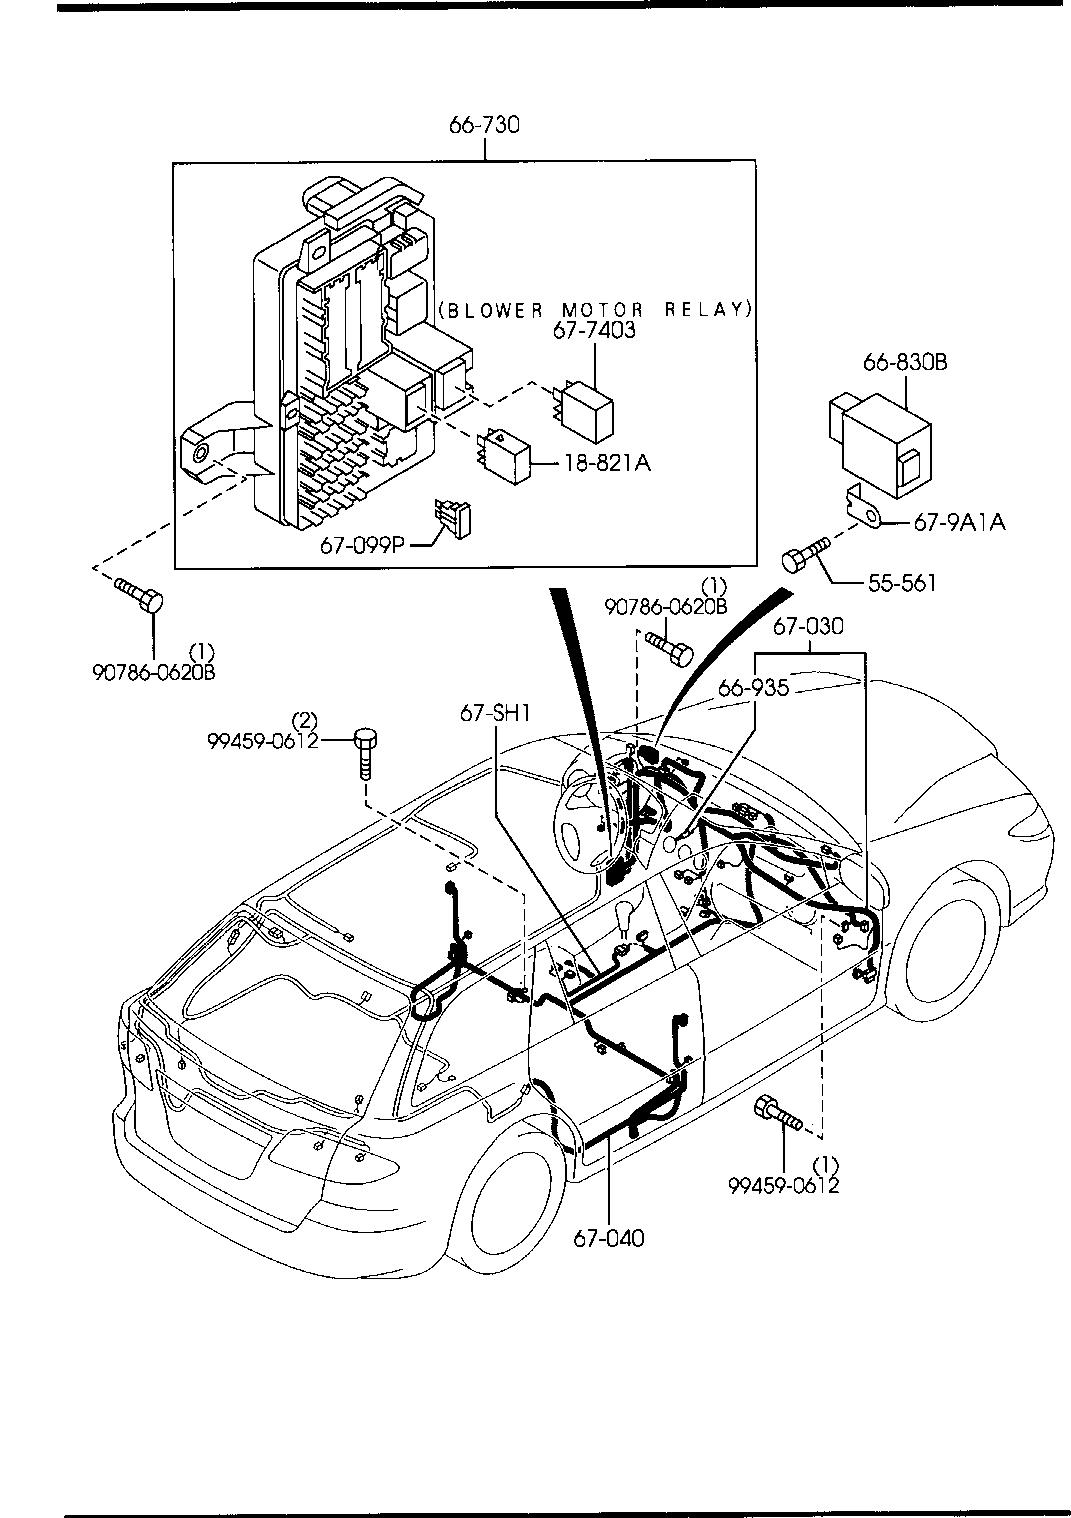 Mazda 6 Radio Wiring Diagram Mazda 6 Wiring